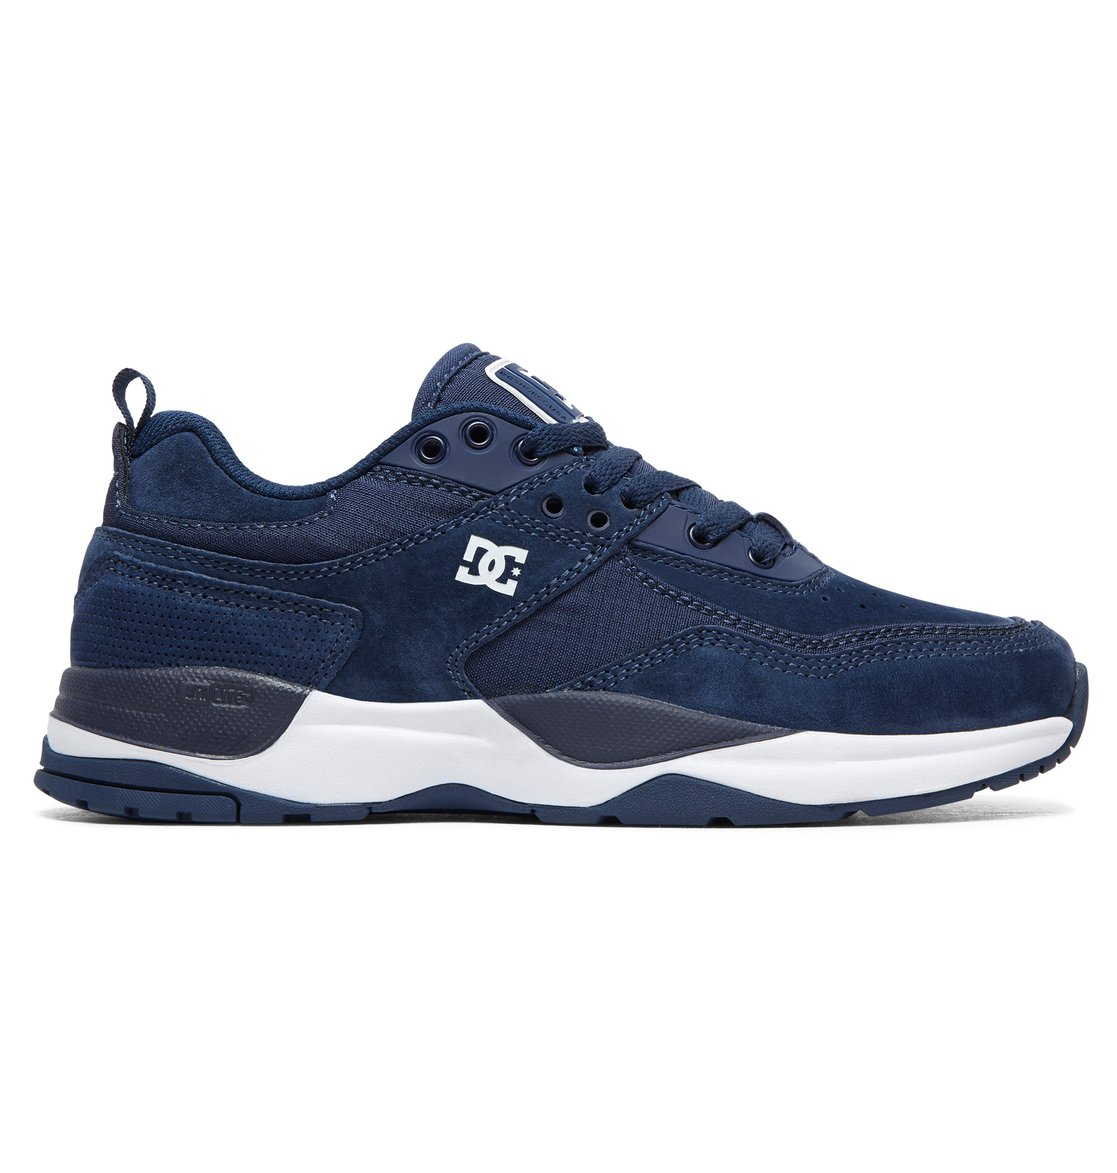 Women's E. Tribeka SE - Baskets - Bleu - DC Shoes pLBXU